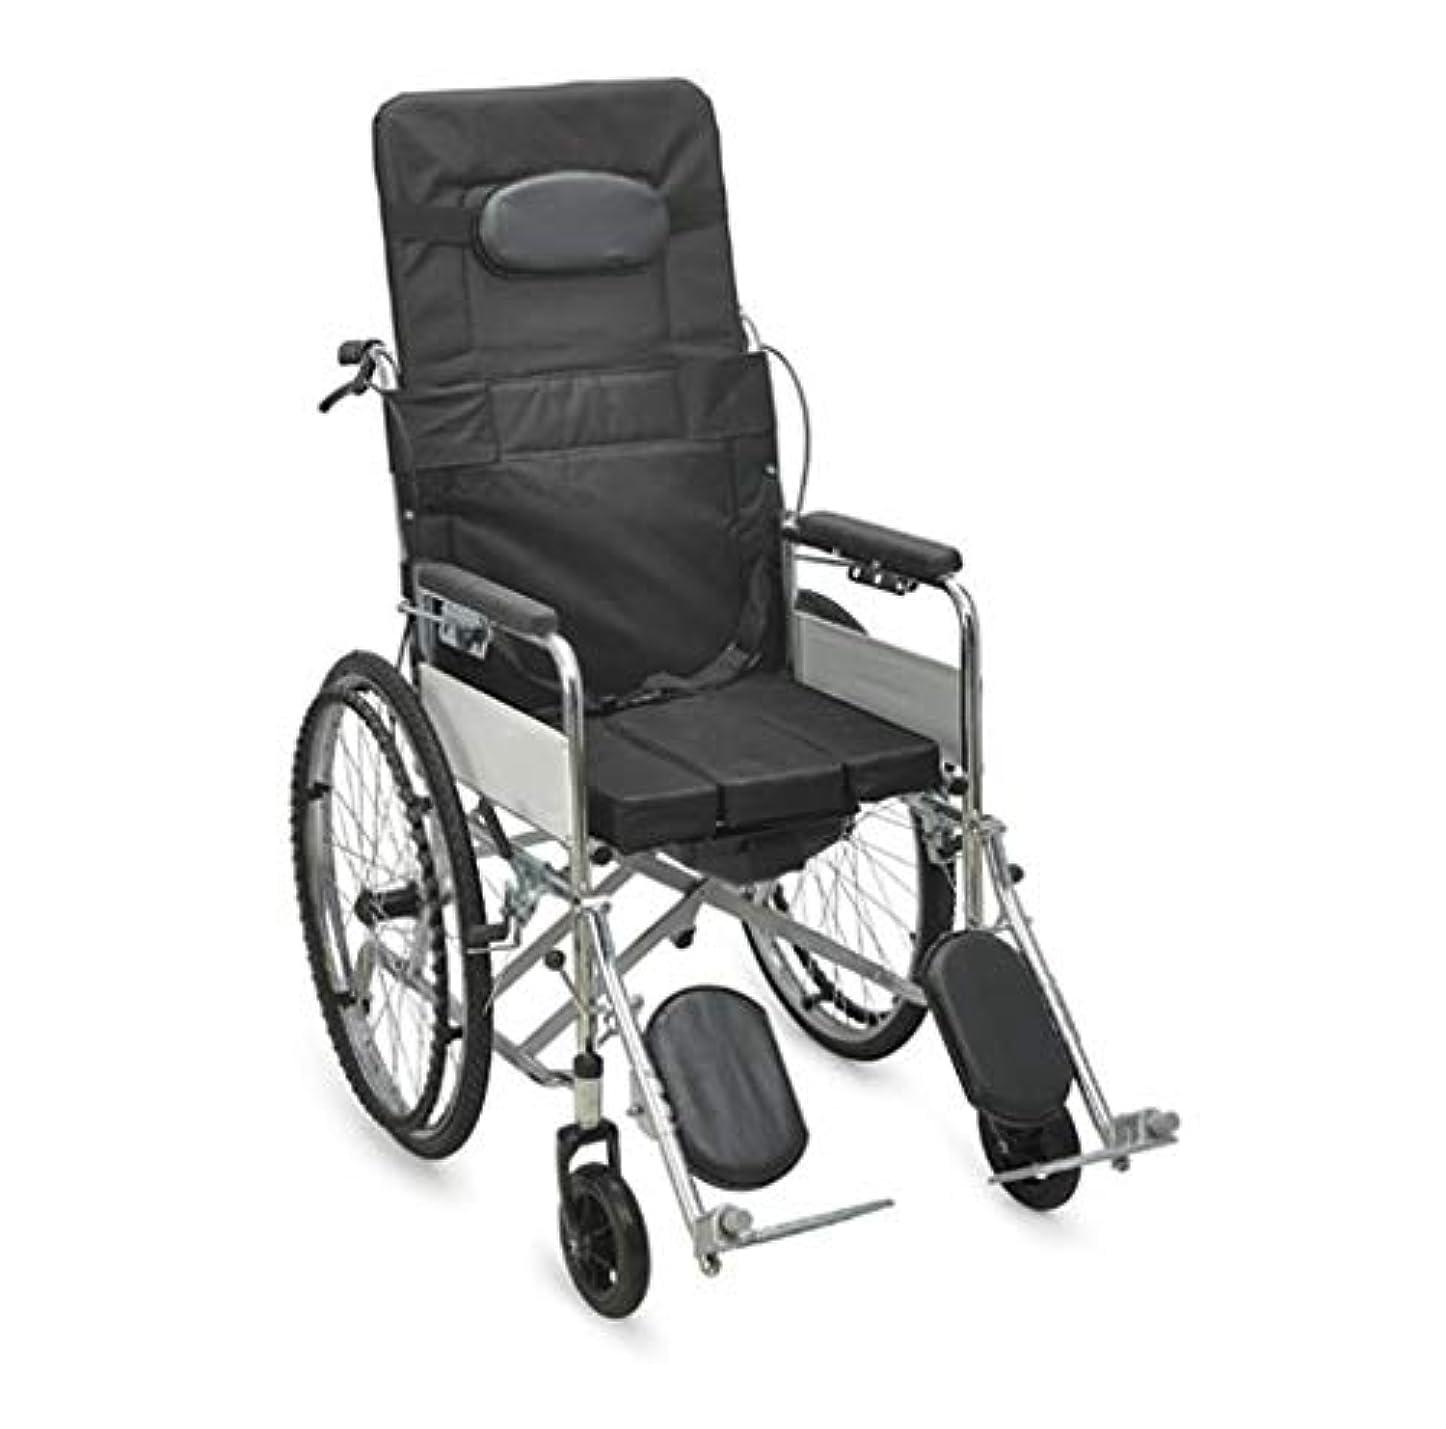 構造的スワップ好意的自走式車椅子、高齢者に適した軽量モバイルデバイス、身体障害者および身体障害者用、ポータブル車椅子